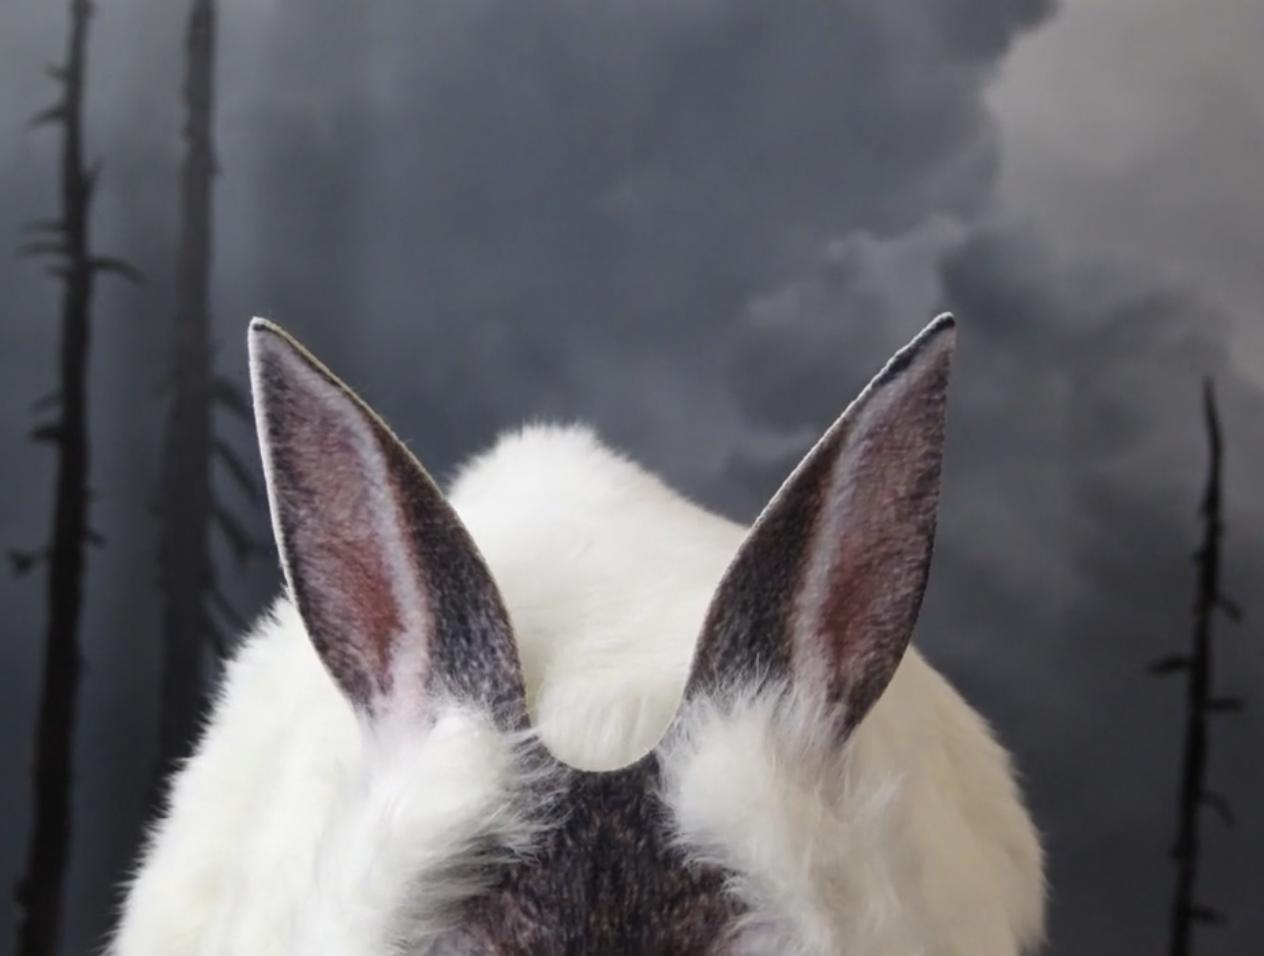 film still from Alice in Dystopia, by Jeanne Jaffe